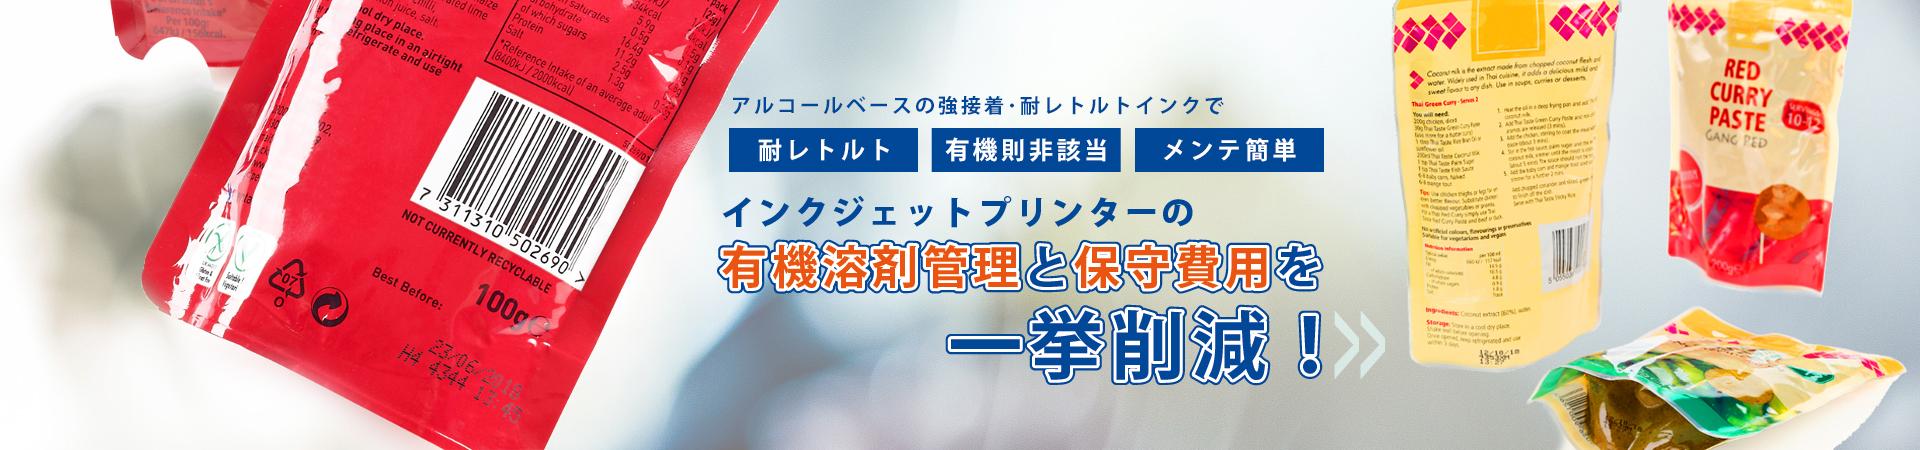 耐レトルトアルコールインク紹介(ピックアップ)